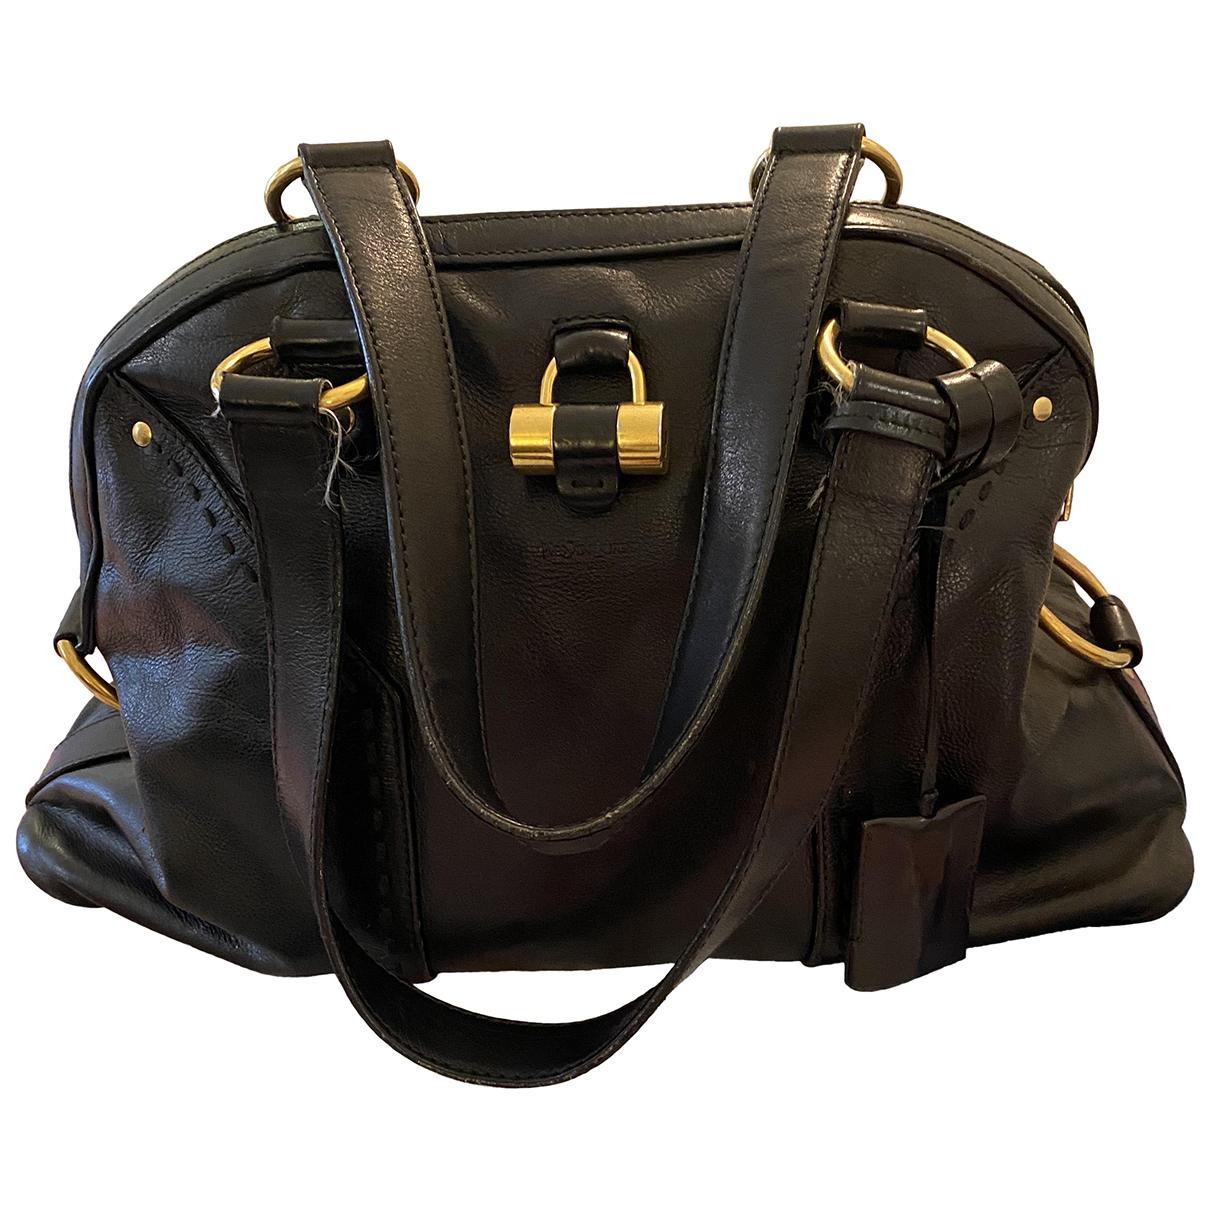 Yves Saint Laurent Muse Black Leather handbag for Women N